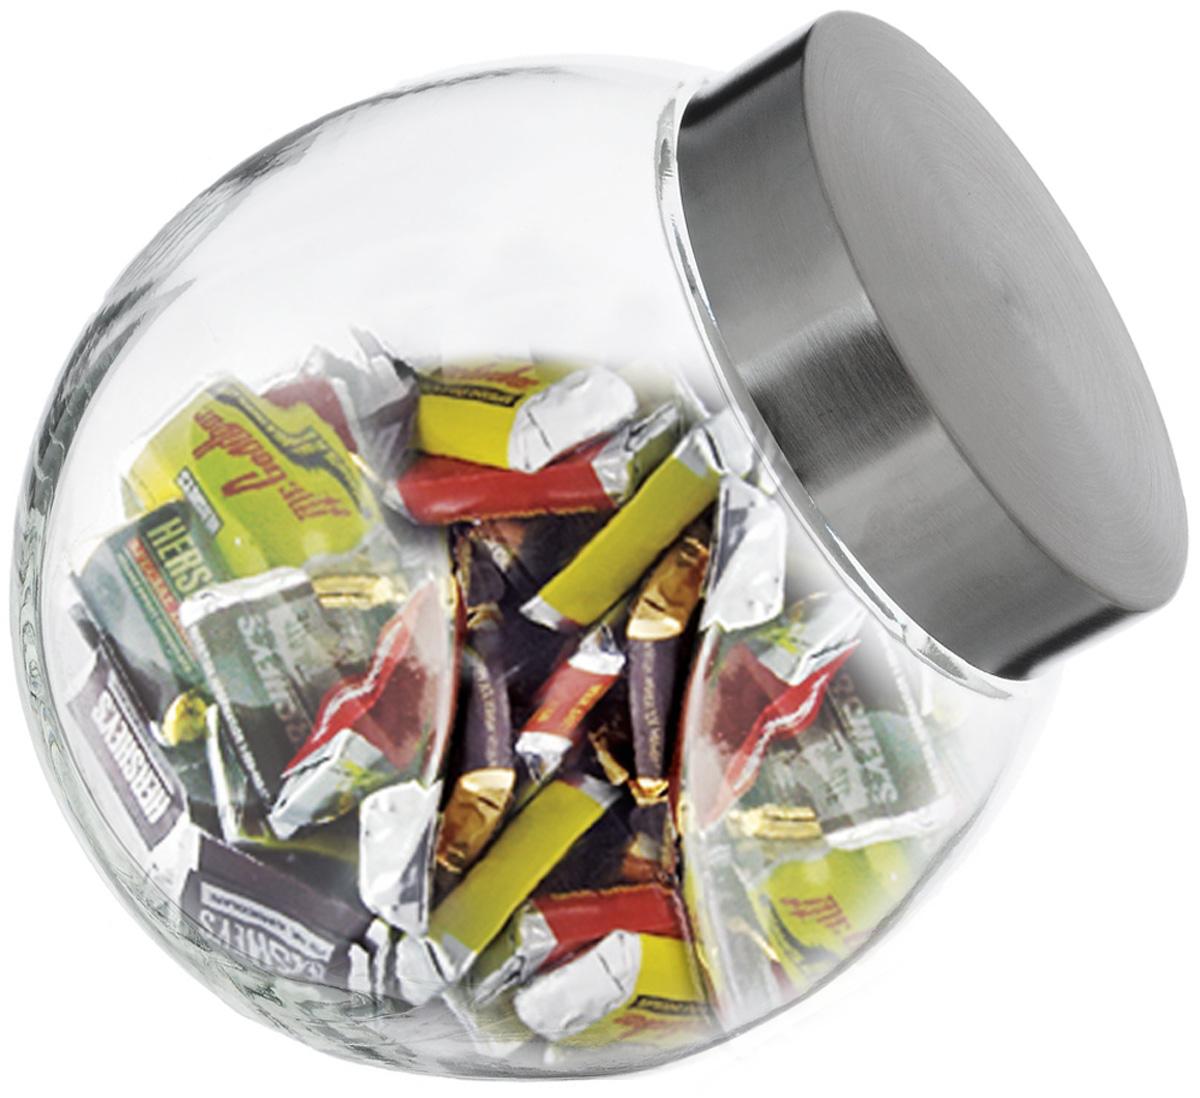 Банка для сыпучих продуктов SinoGlass, 1,73 л9219000Банка для сыпучих продуктов SinoGlass изготовлена из прочного стекла и оснащена плотно закрывающейся крышкой из нержавеющей стали с внутренней пластиковой вставкой. Благодаря этому внутри сохраняется герметичность, и продукты дольше остаются свежими. Изделие предназначено для хранения различных сыпучих продуктов: круп, чая, сахара, орехов и много другого. Функциональная и вместительная банка станет незаменимым аксессуаром на любой кухне. Объем: 1,73 л. Диаметр (по верхнему краю): 10 см. Высота банки (без учета крышки): 17,5 см.